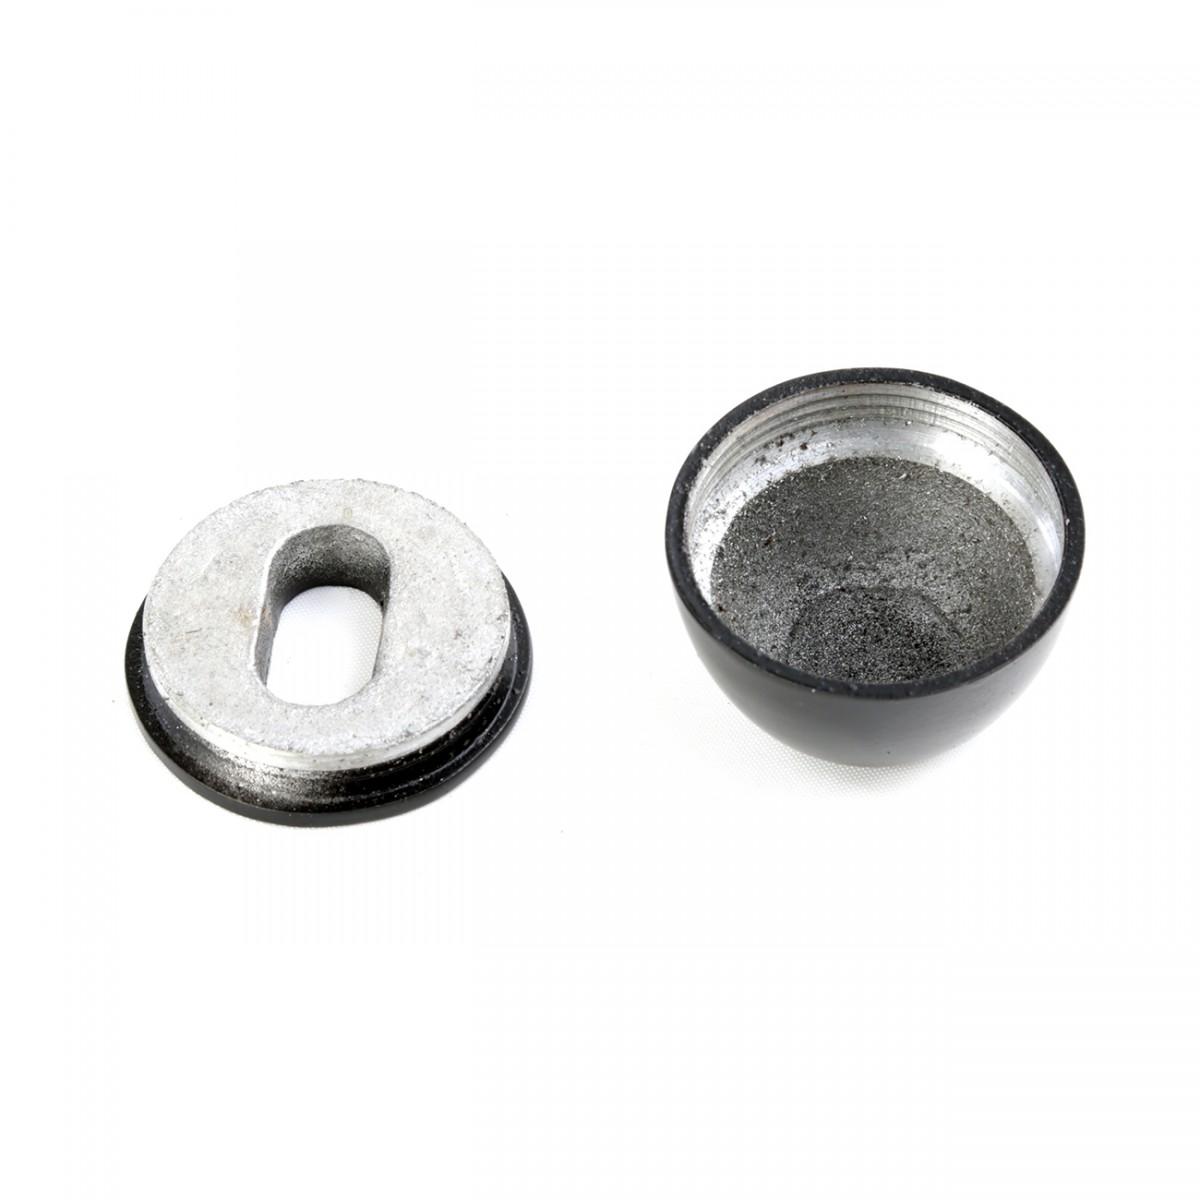 2 Black Toilet Bolt Covers Rustproof Aluminum Bolt Cover Caps Bolt Cover For Toilet Black Bolt Caps